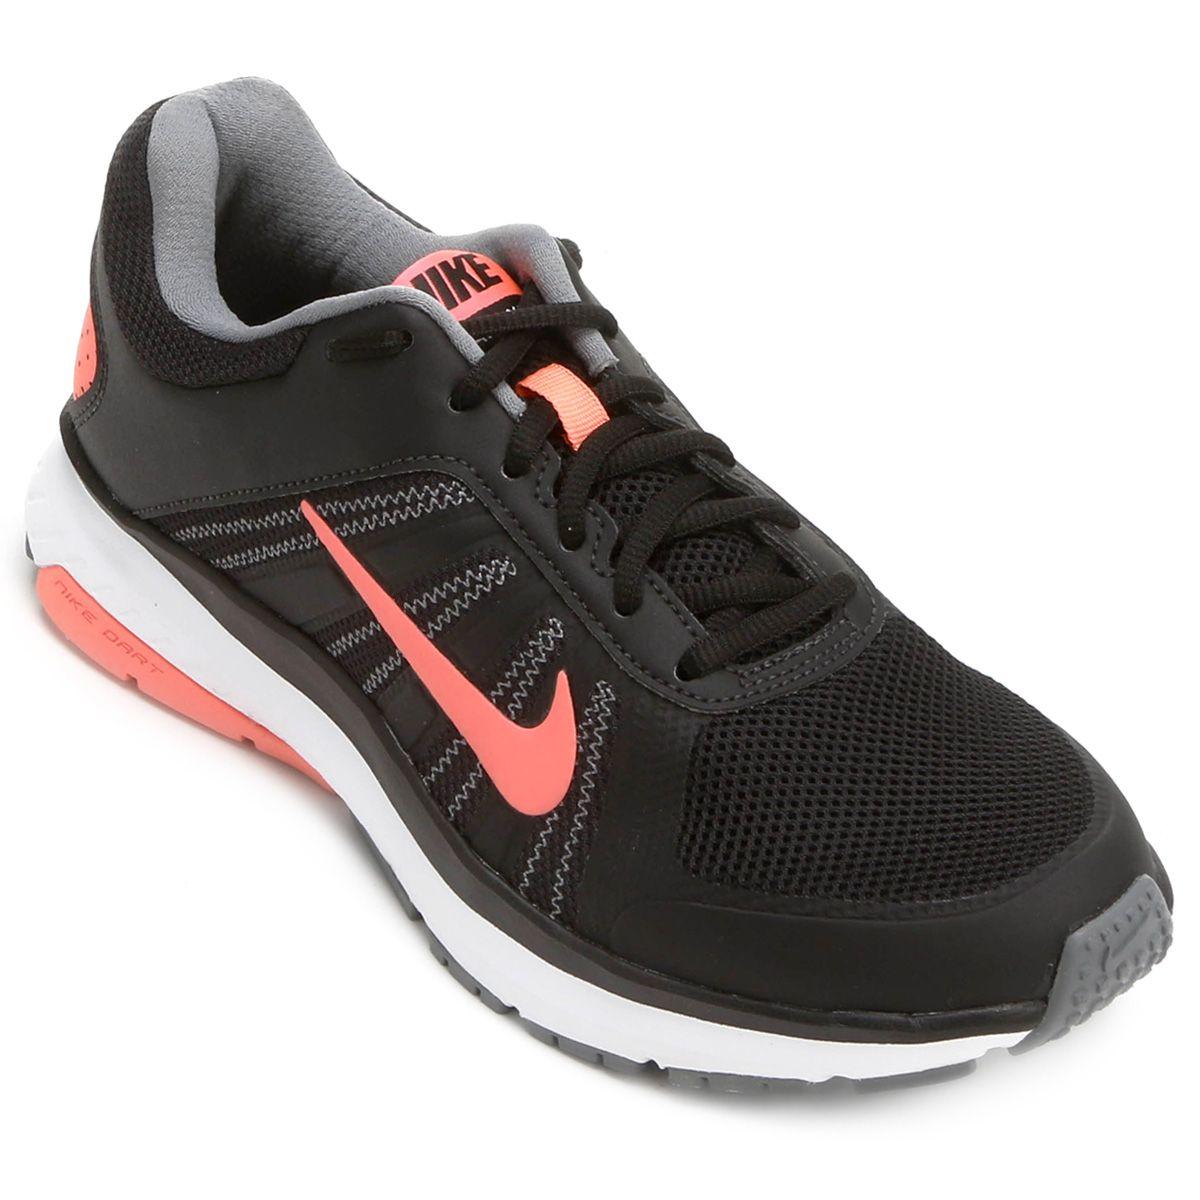 bf10d20a43 Tênis Nike Dart 12 MSL Feminino - Compre Agora | Netshoes | netshoes ...